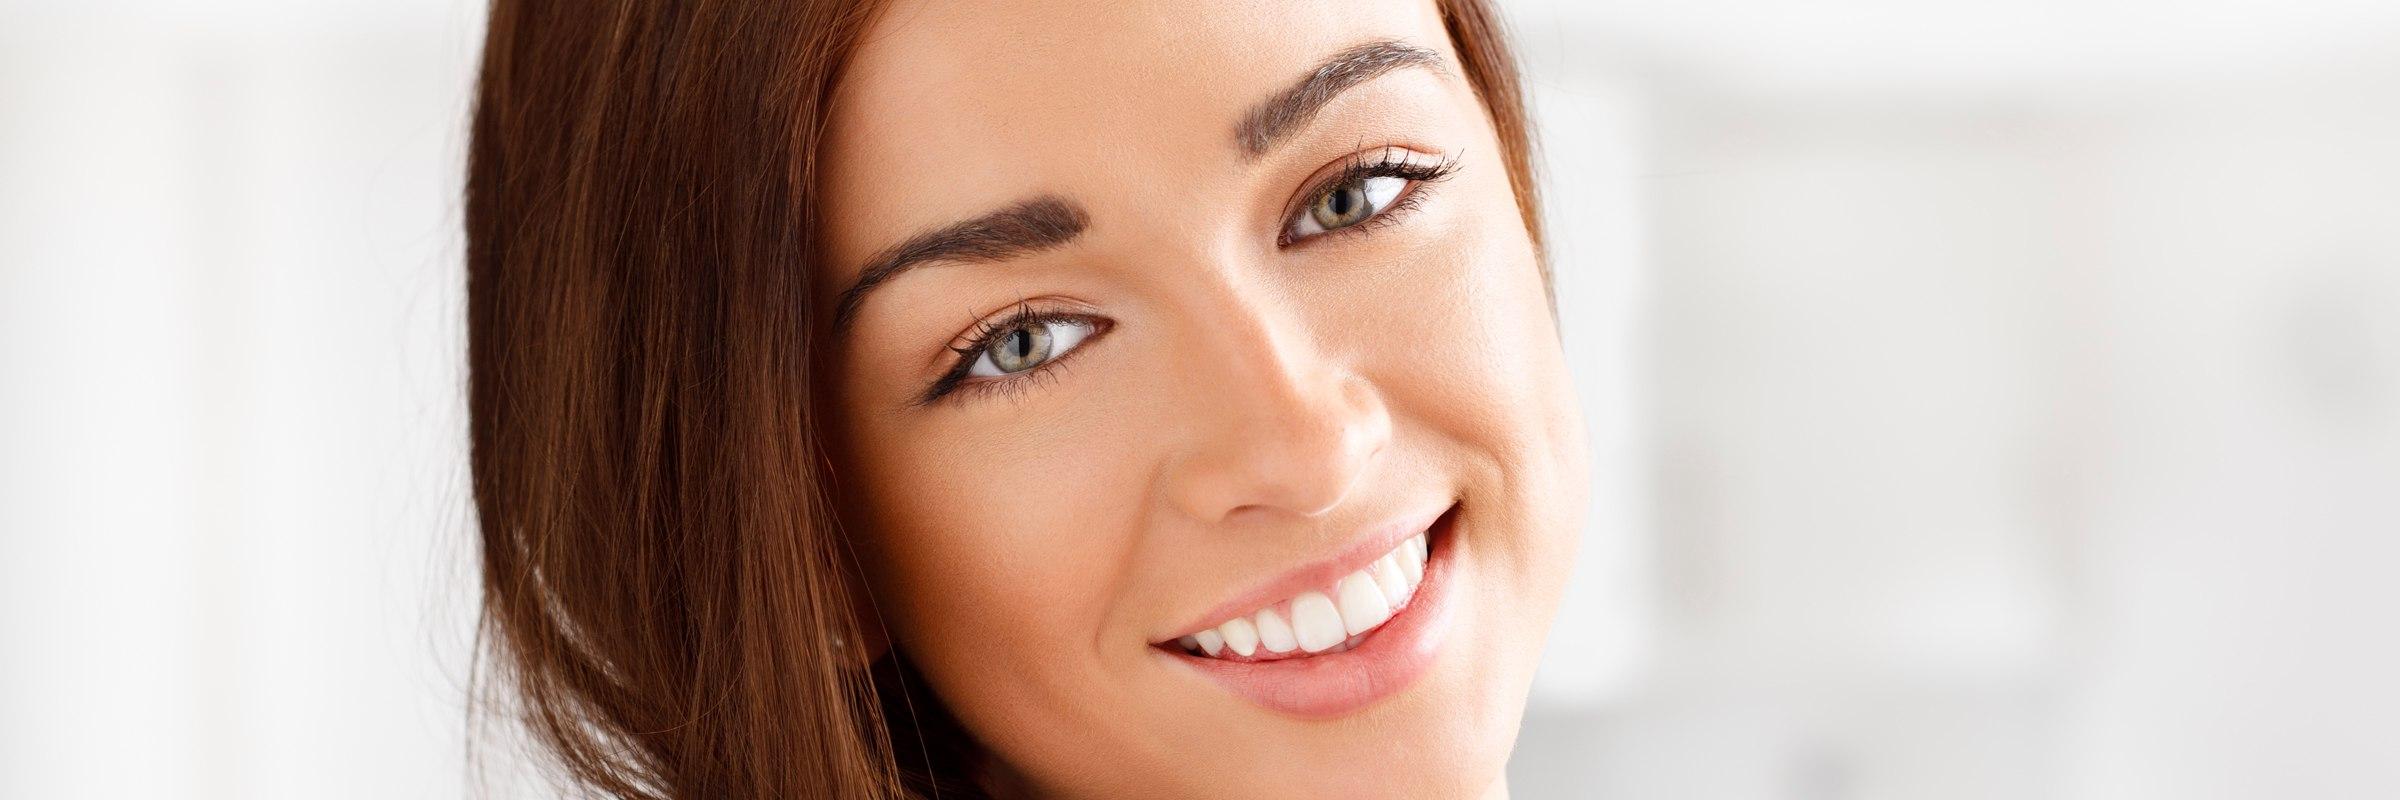 Что такое септопластика  и субмукозальная резекция носа?